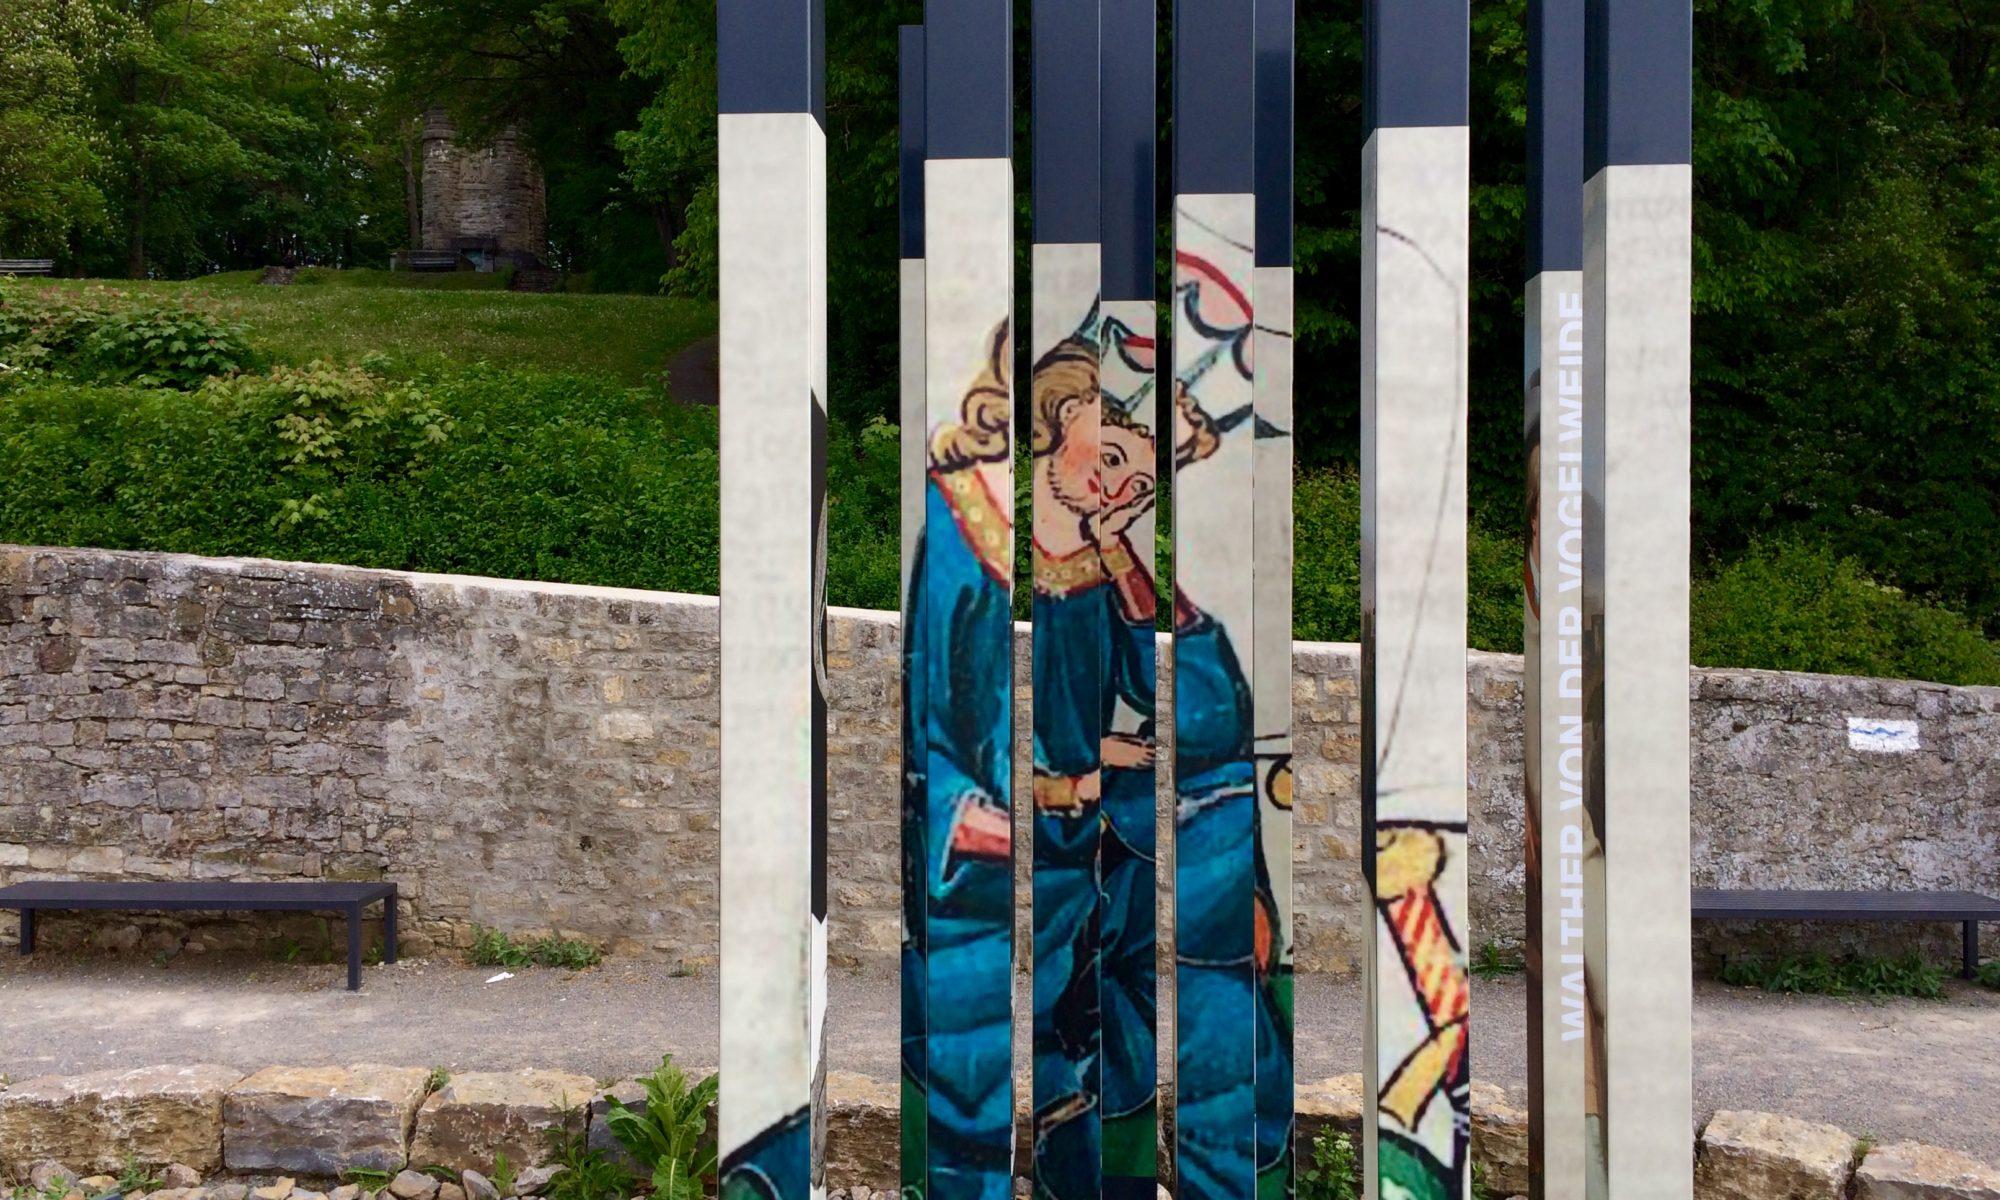 Literaturbalkon auf dem Würzburger Stein. | Foto: B. Schneider